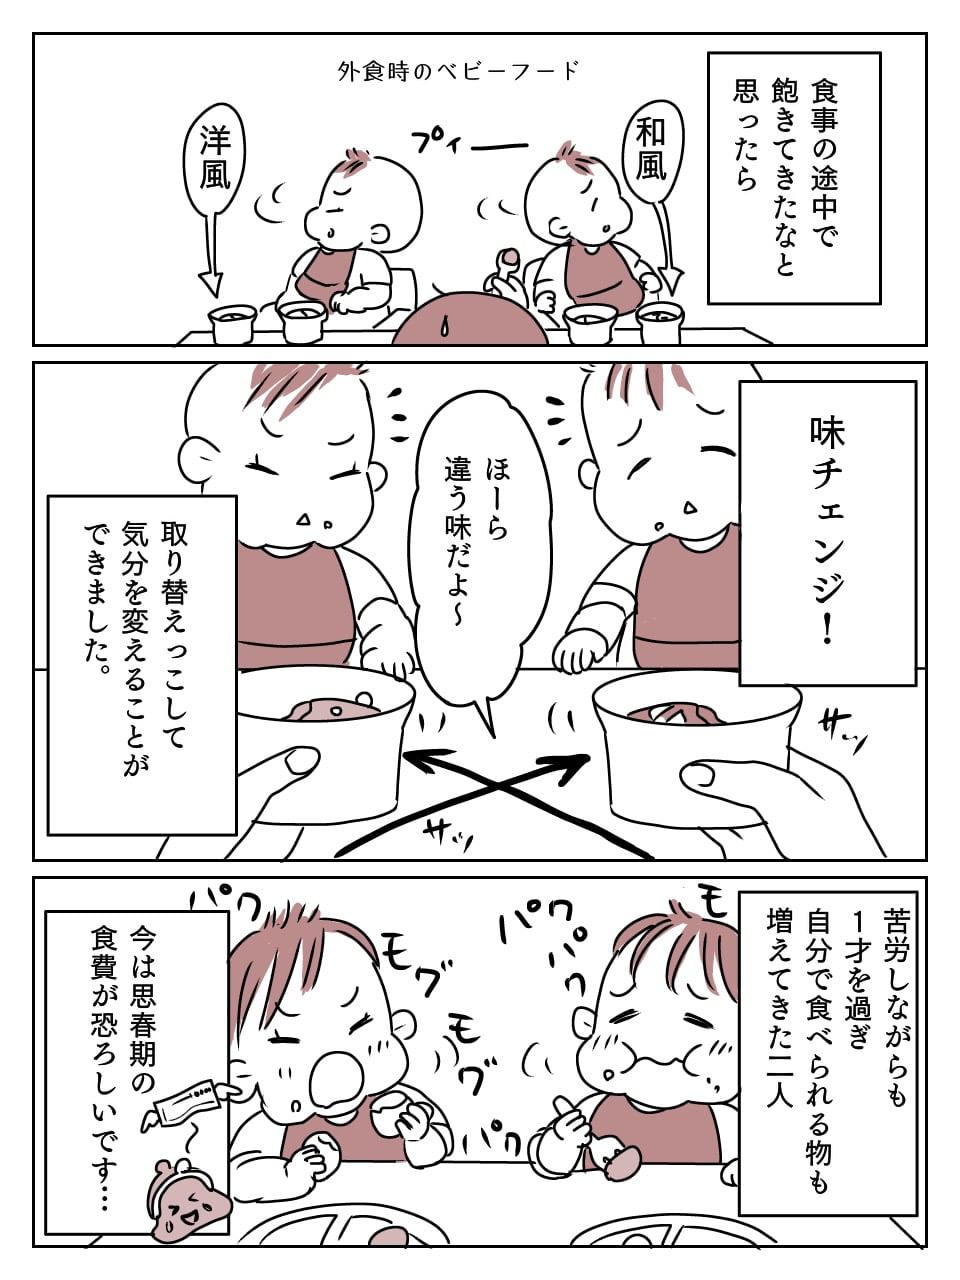 双子育児 食事事情 3